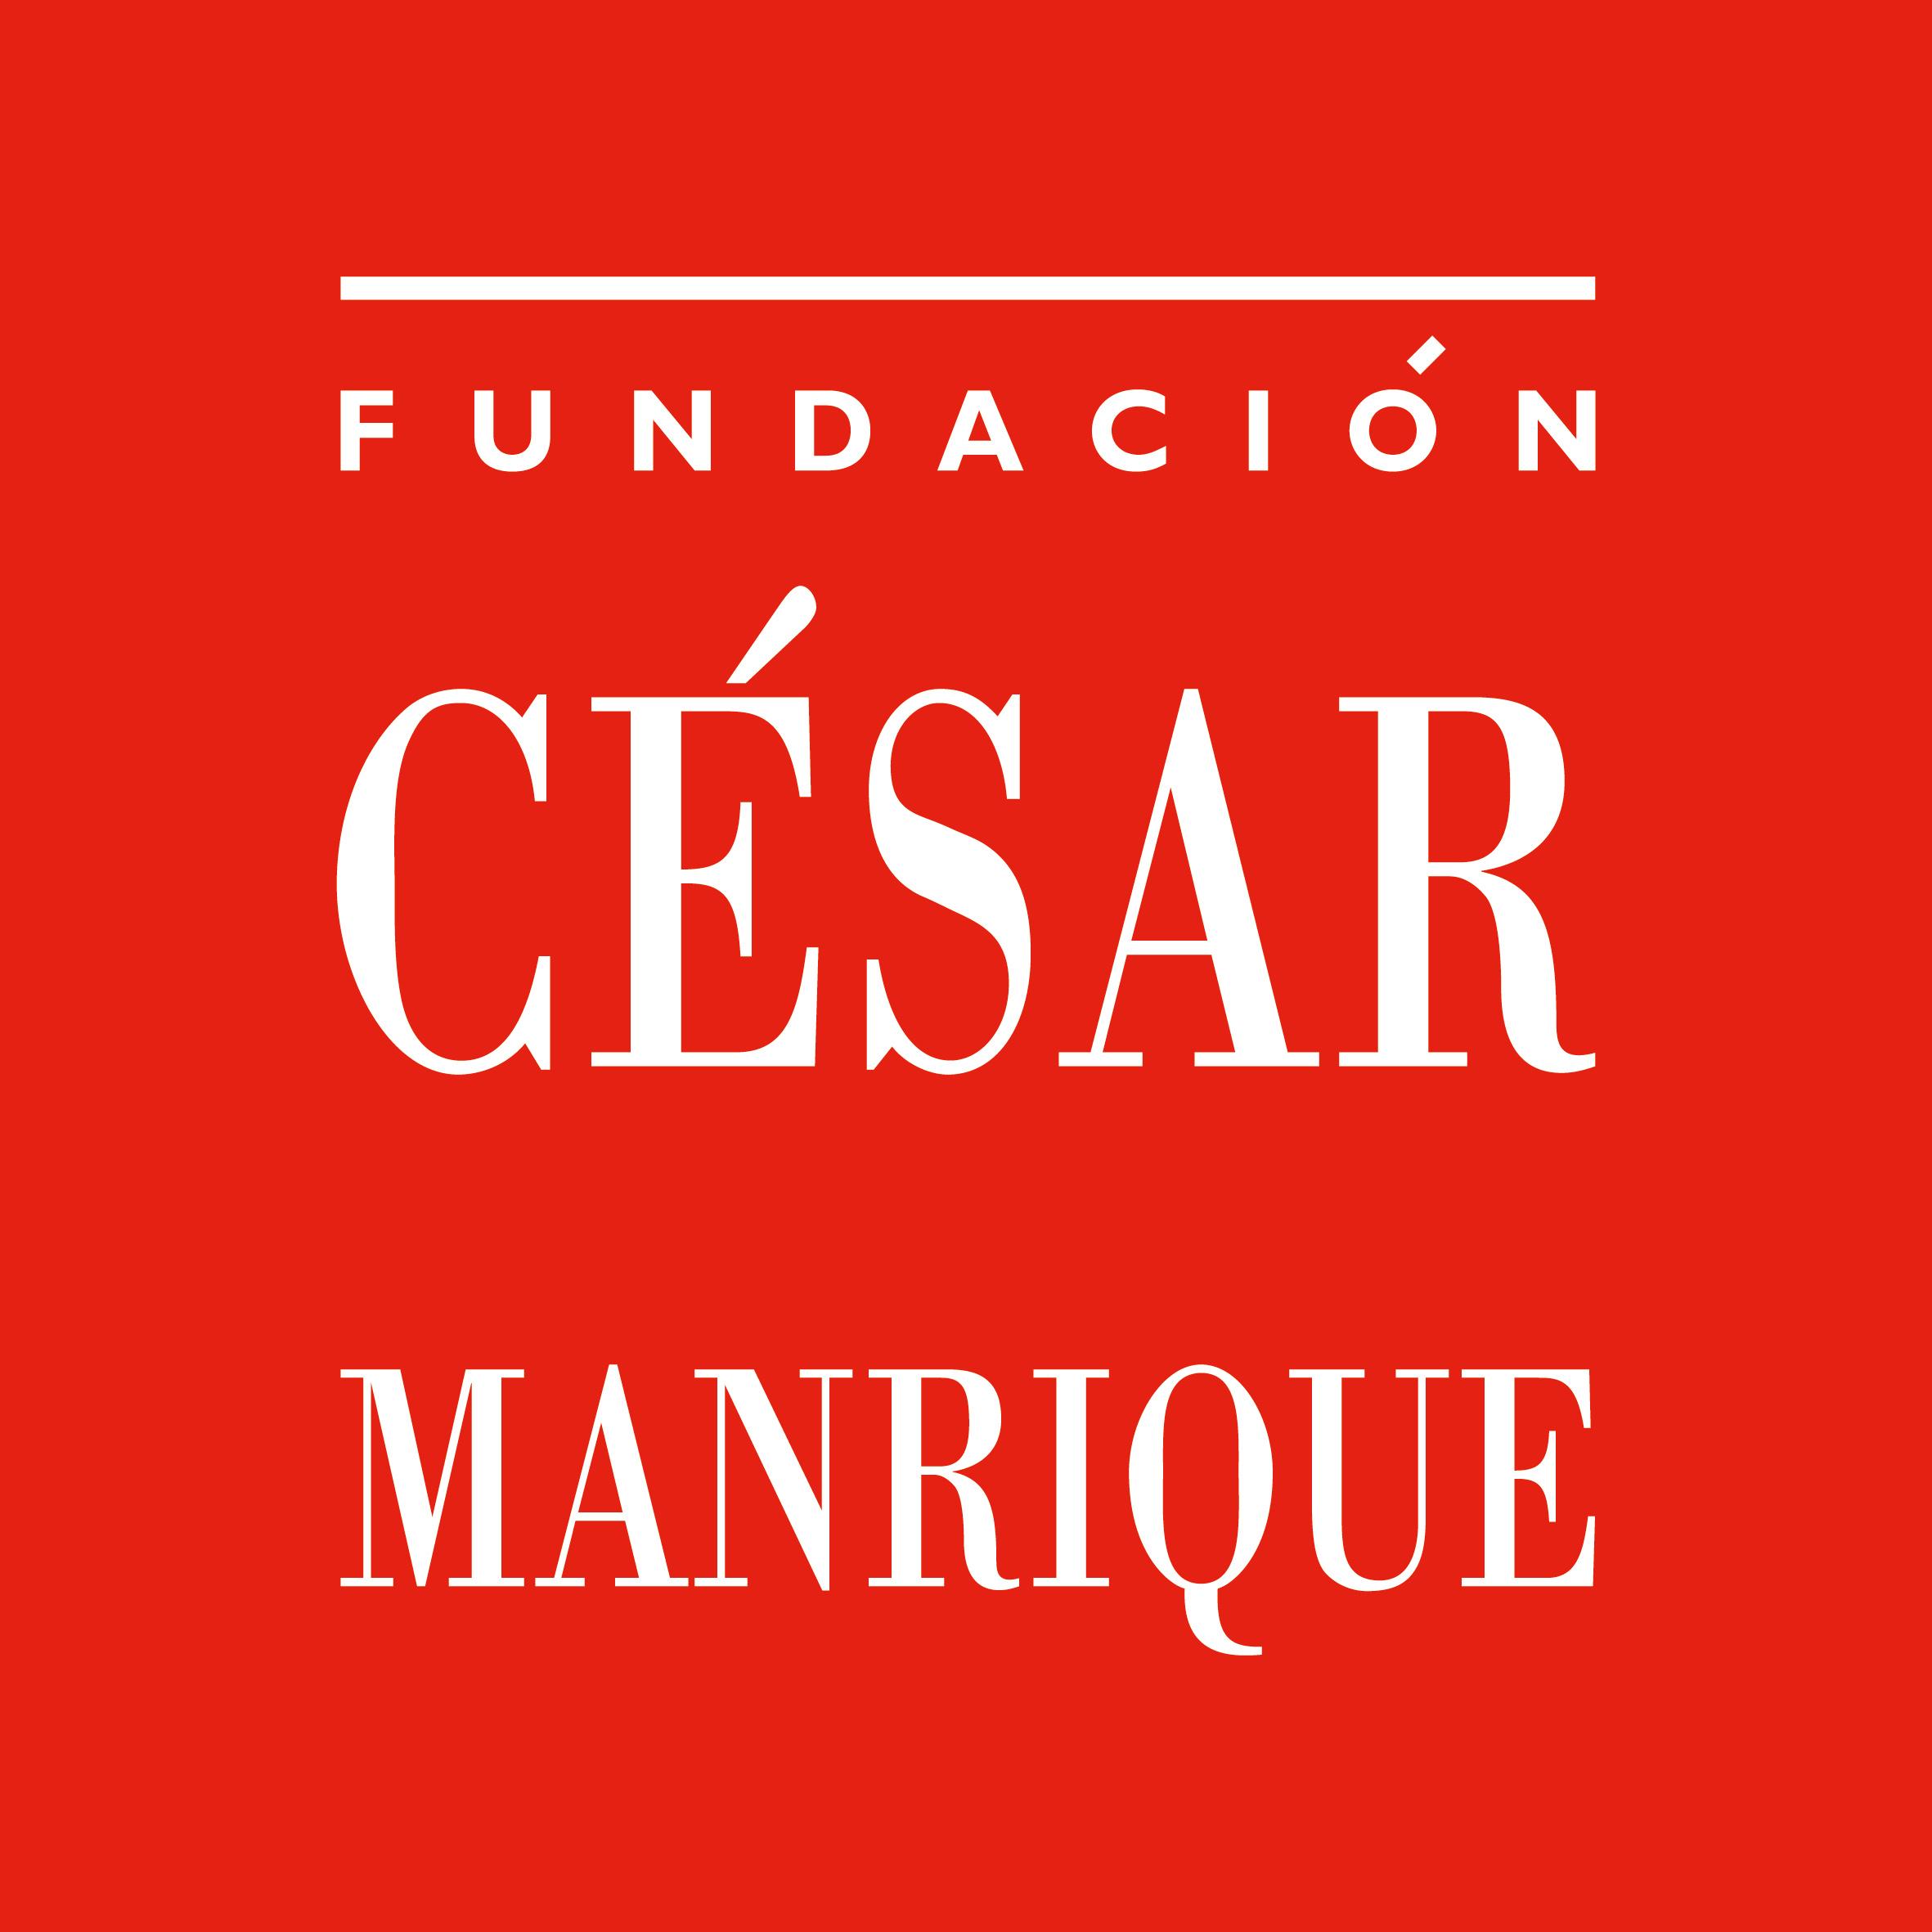 """La FCM Y La OCL presentan """"TRÍO DE ASES"""", un concierto de piano, violín y violonchelo, con motivo del centenario de César Manrique"""